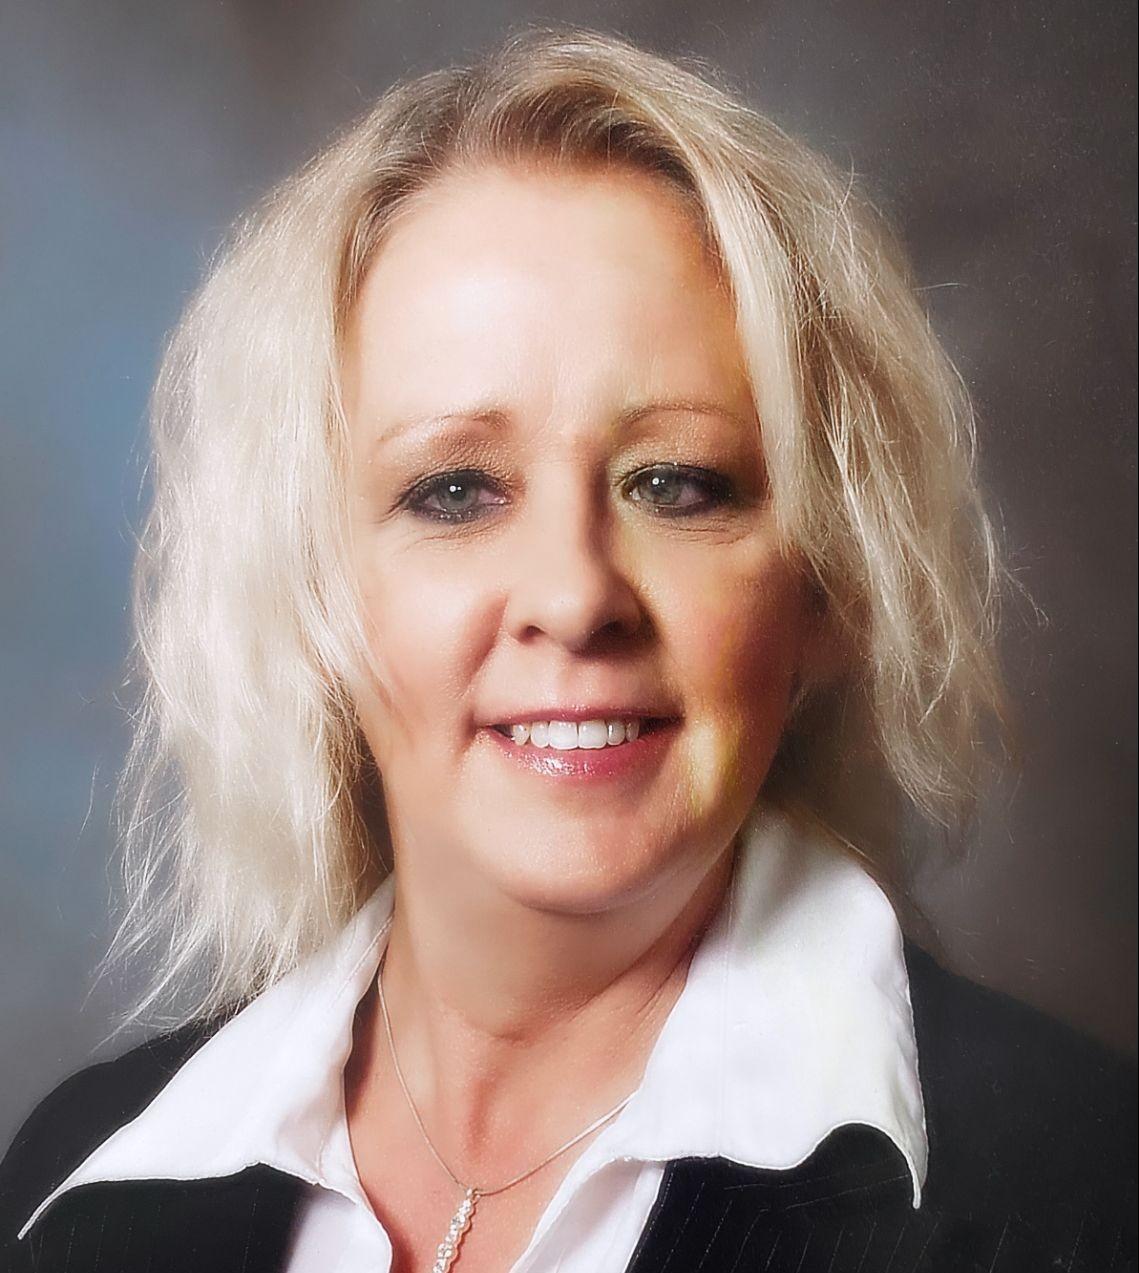 Shelia Diane Belasky